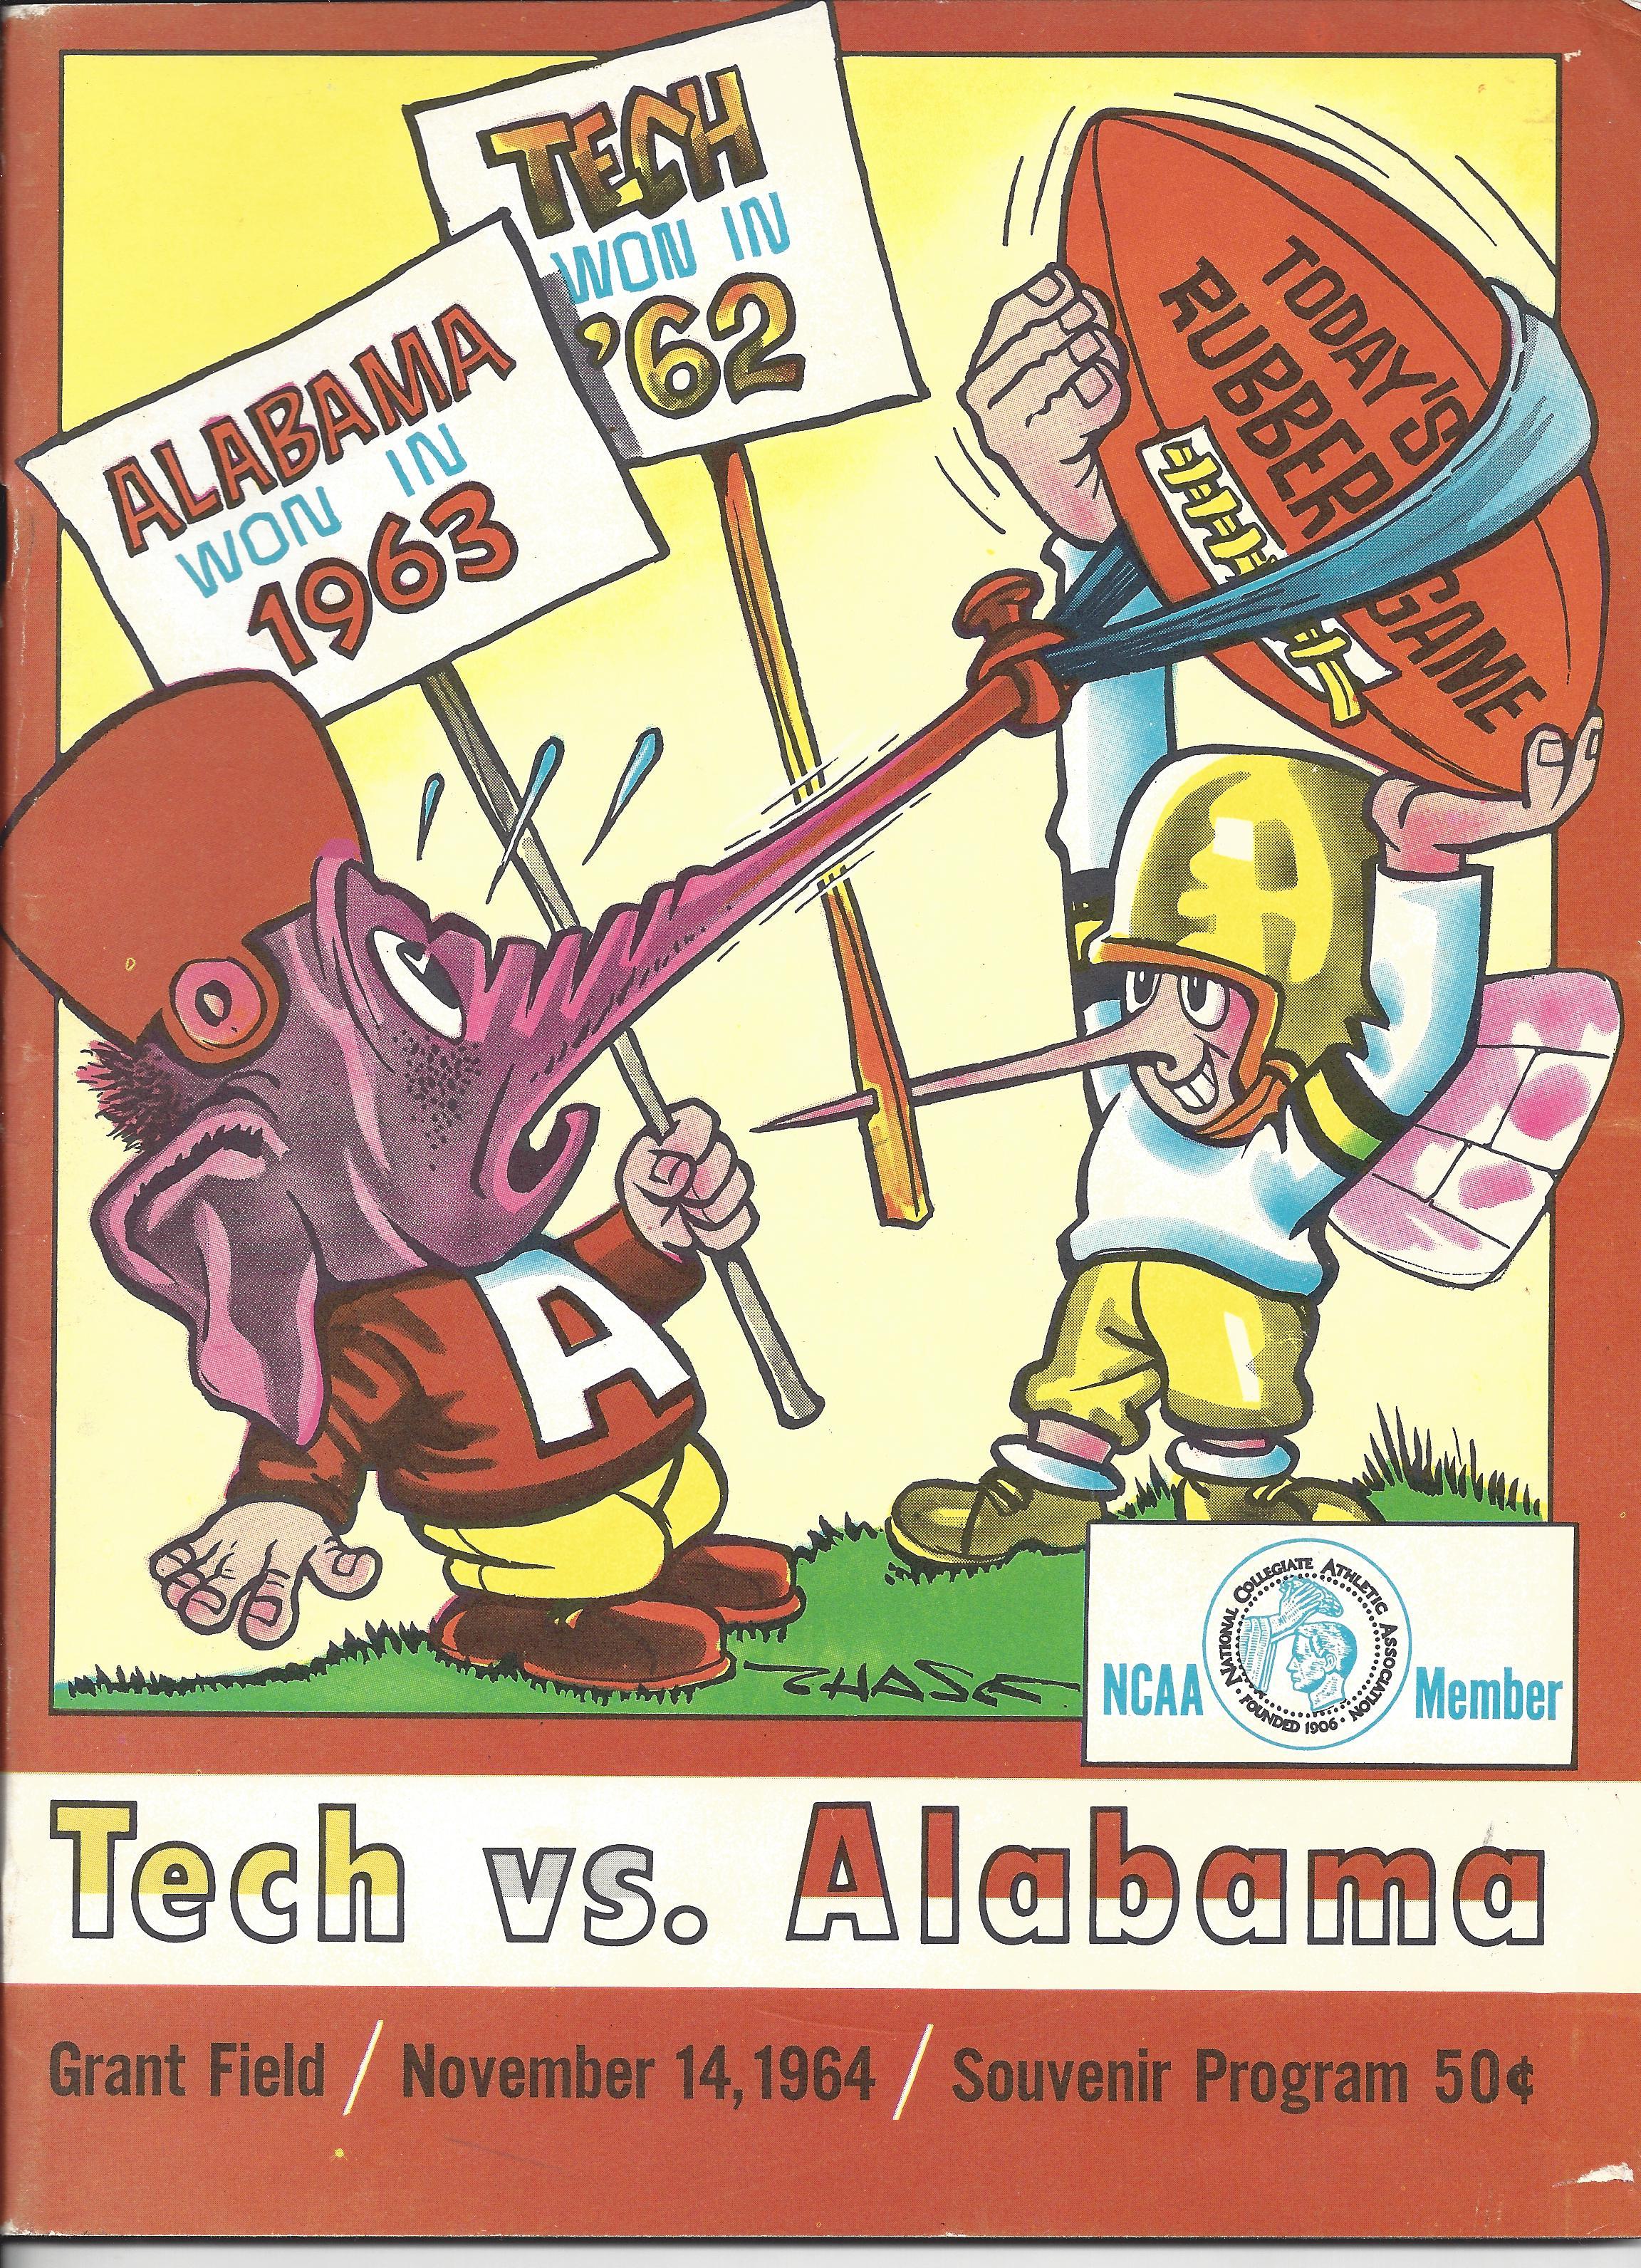 Alabama 1980-99 - Bama Central